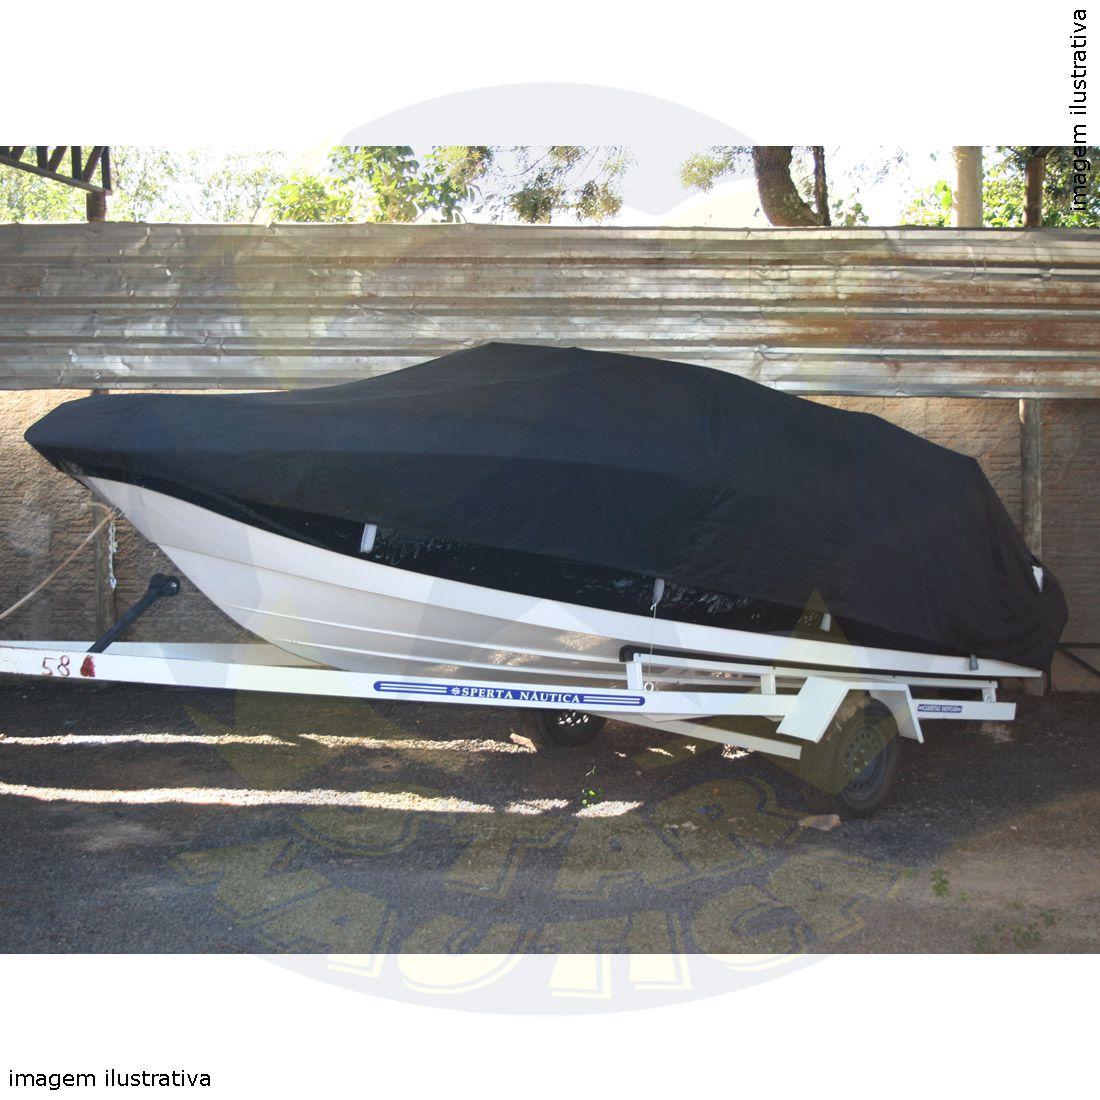 Capa Lona de Cobertura Lancha Ventura 215 Lona Guarda Chuva